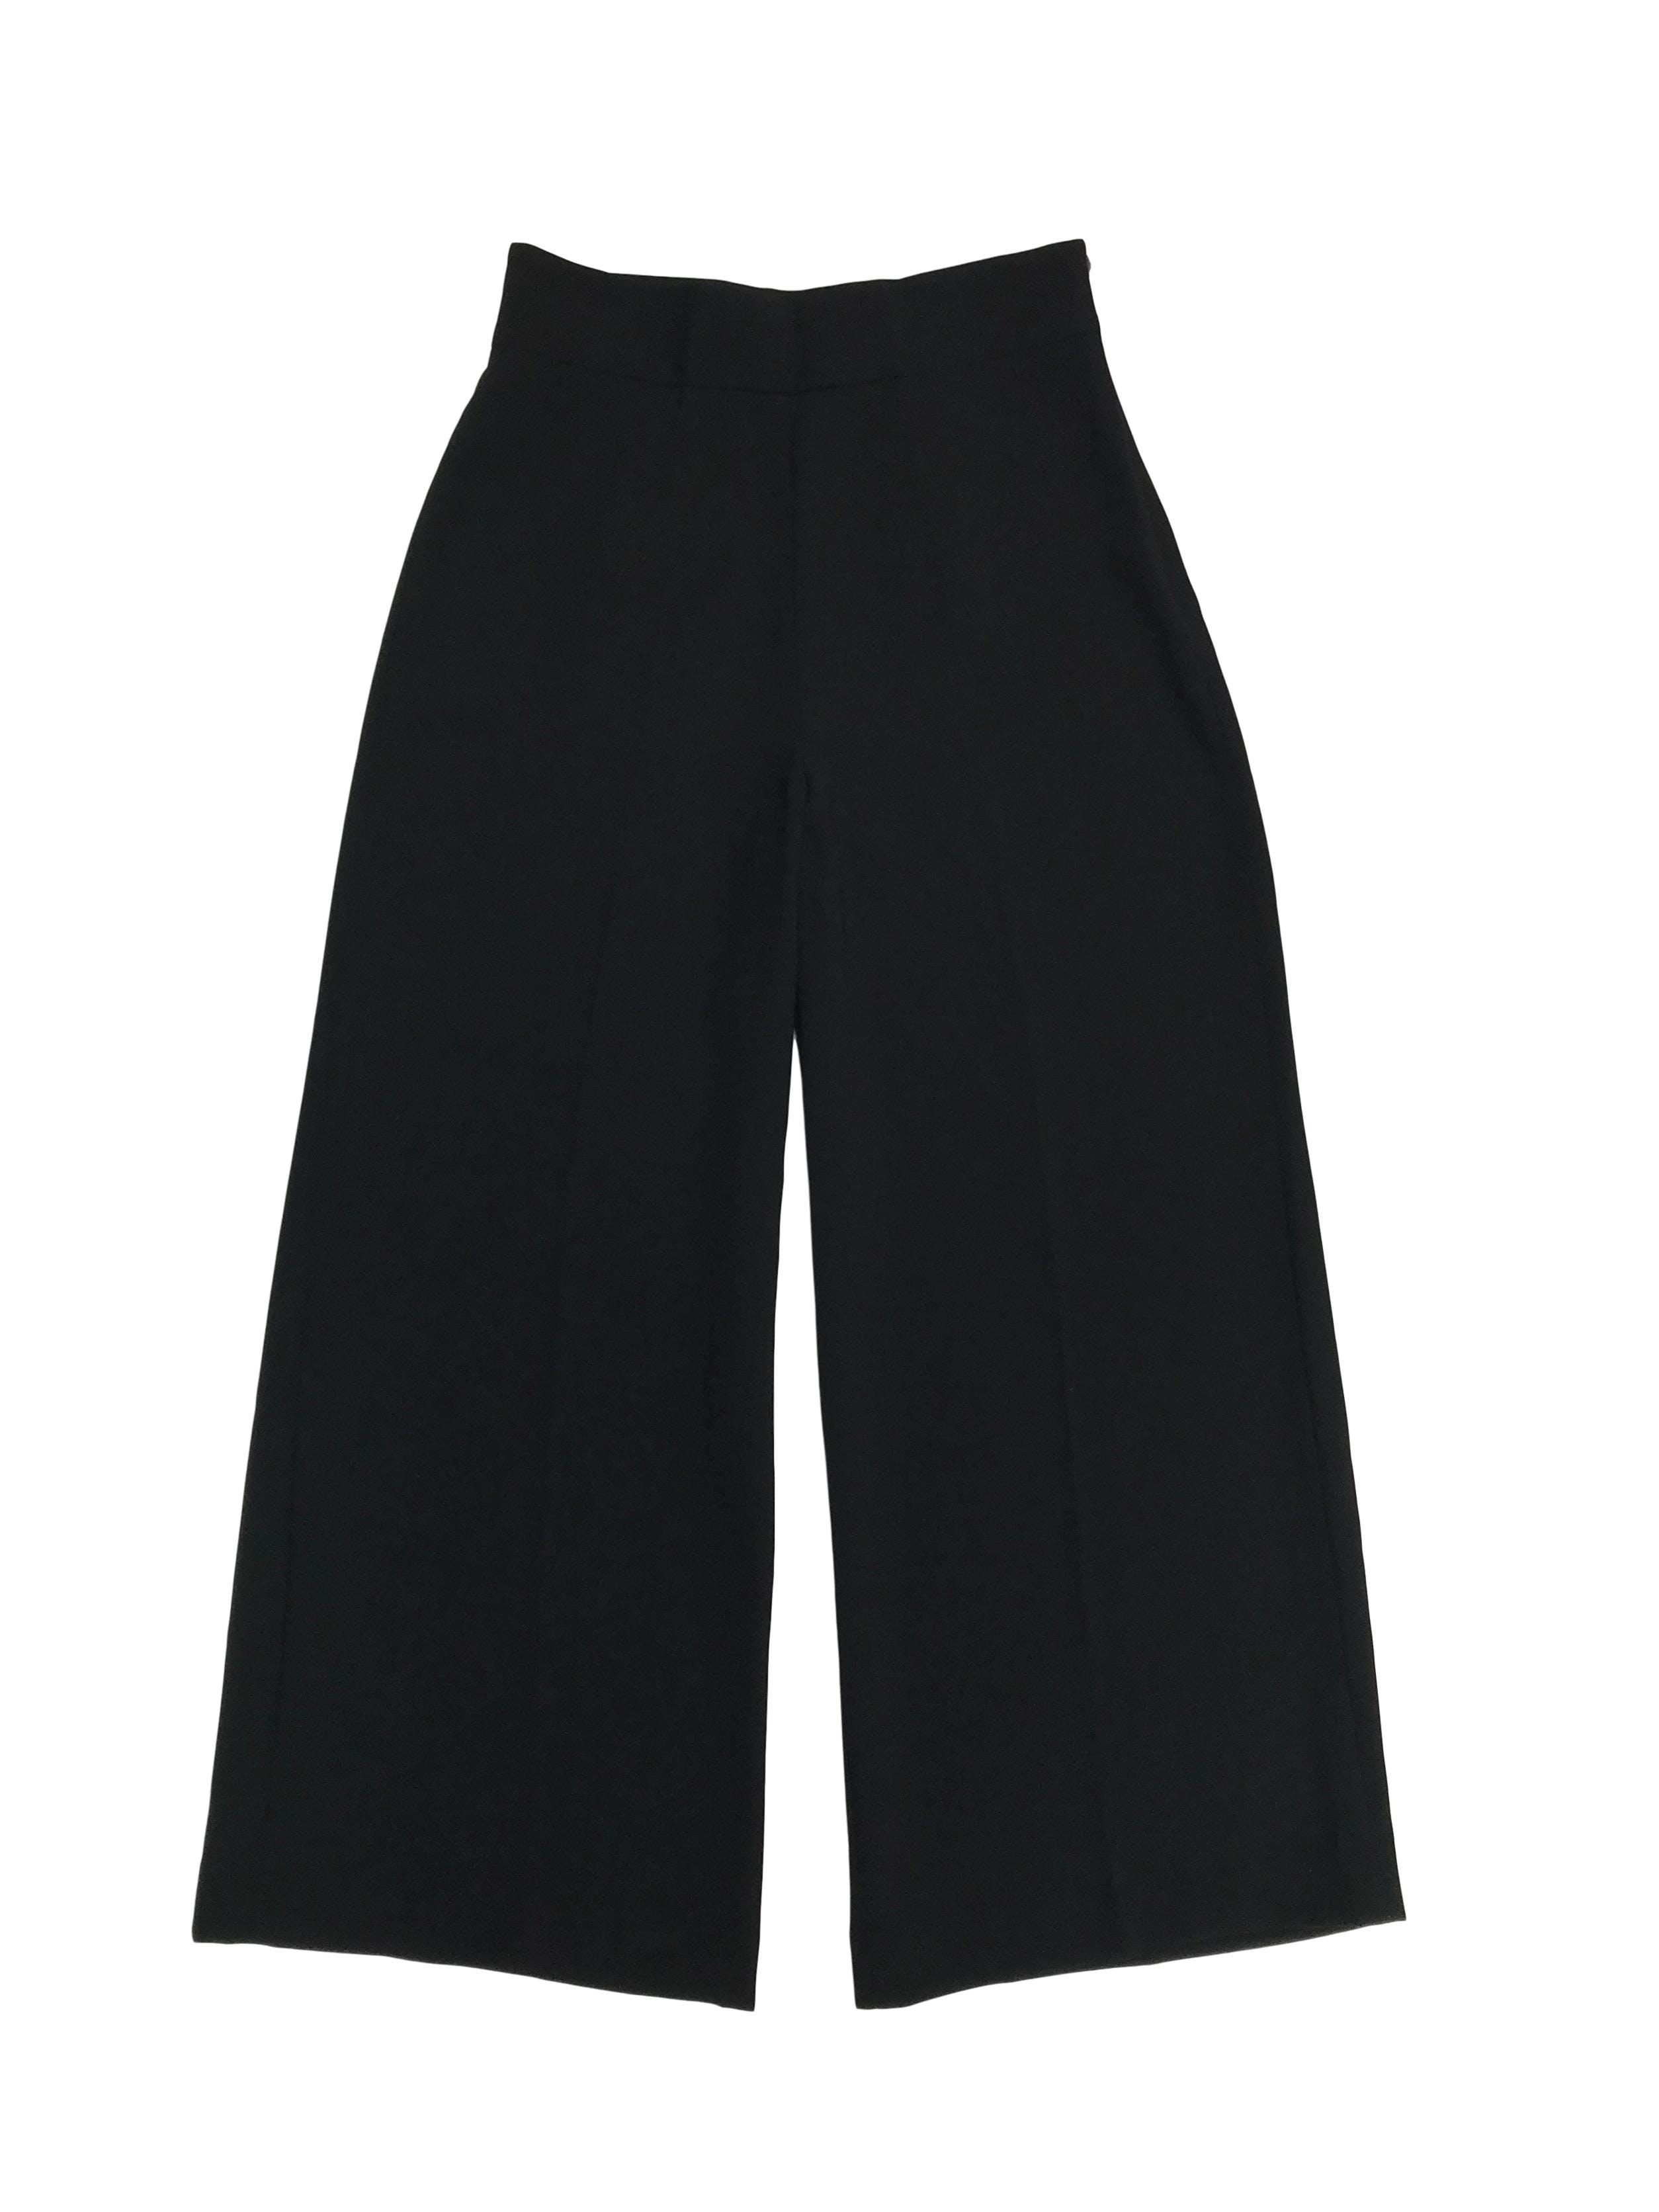 Pantalón palazzo Zara a la cintura, con cierre lateral, tela plana con caída. Cintura 72cm